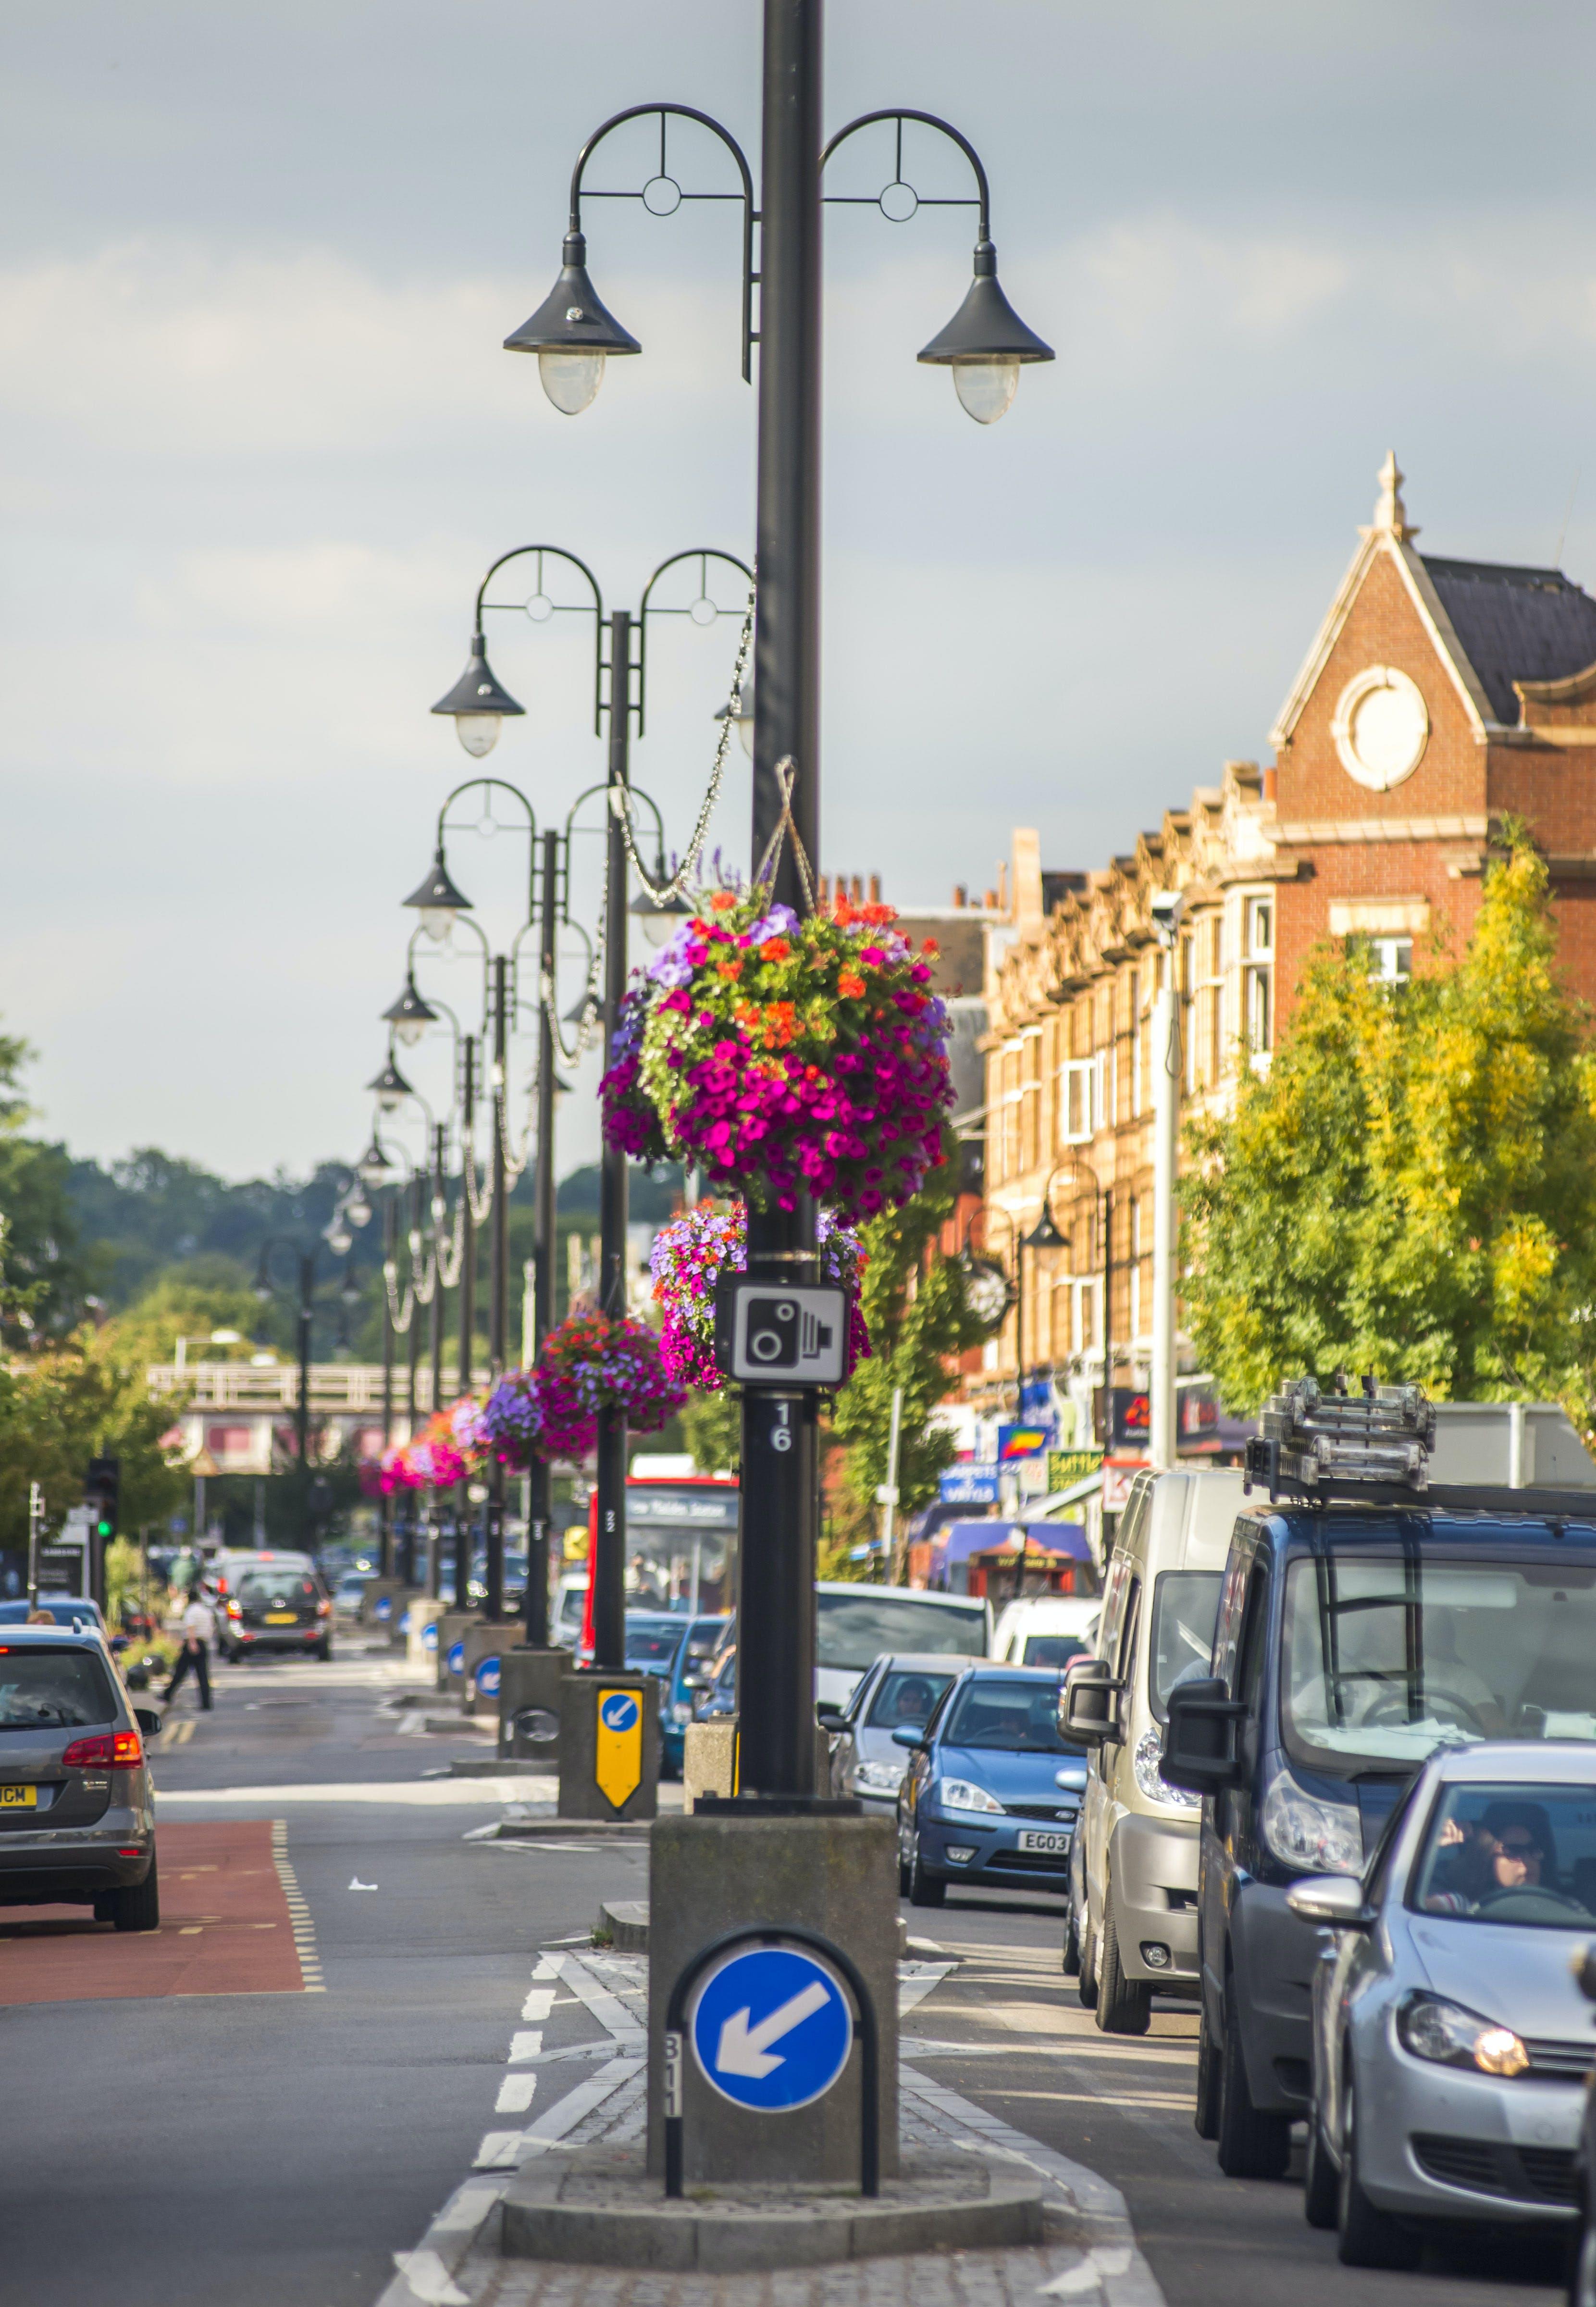 New Malden High Street